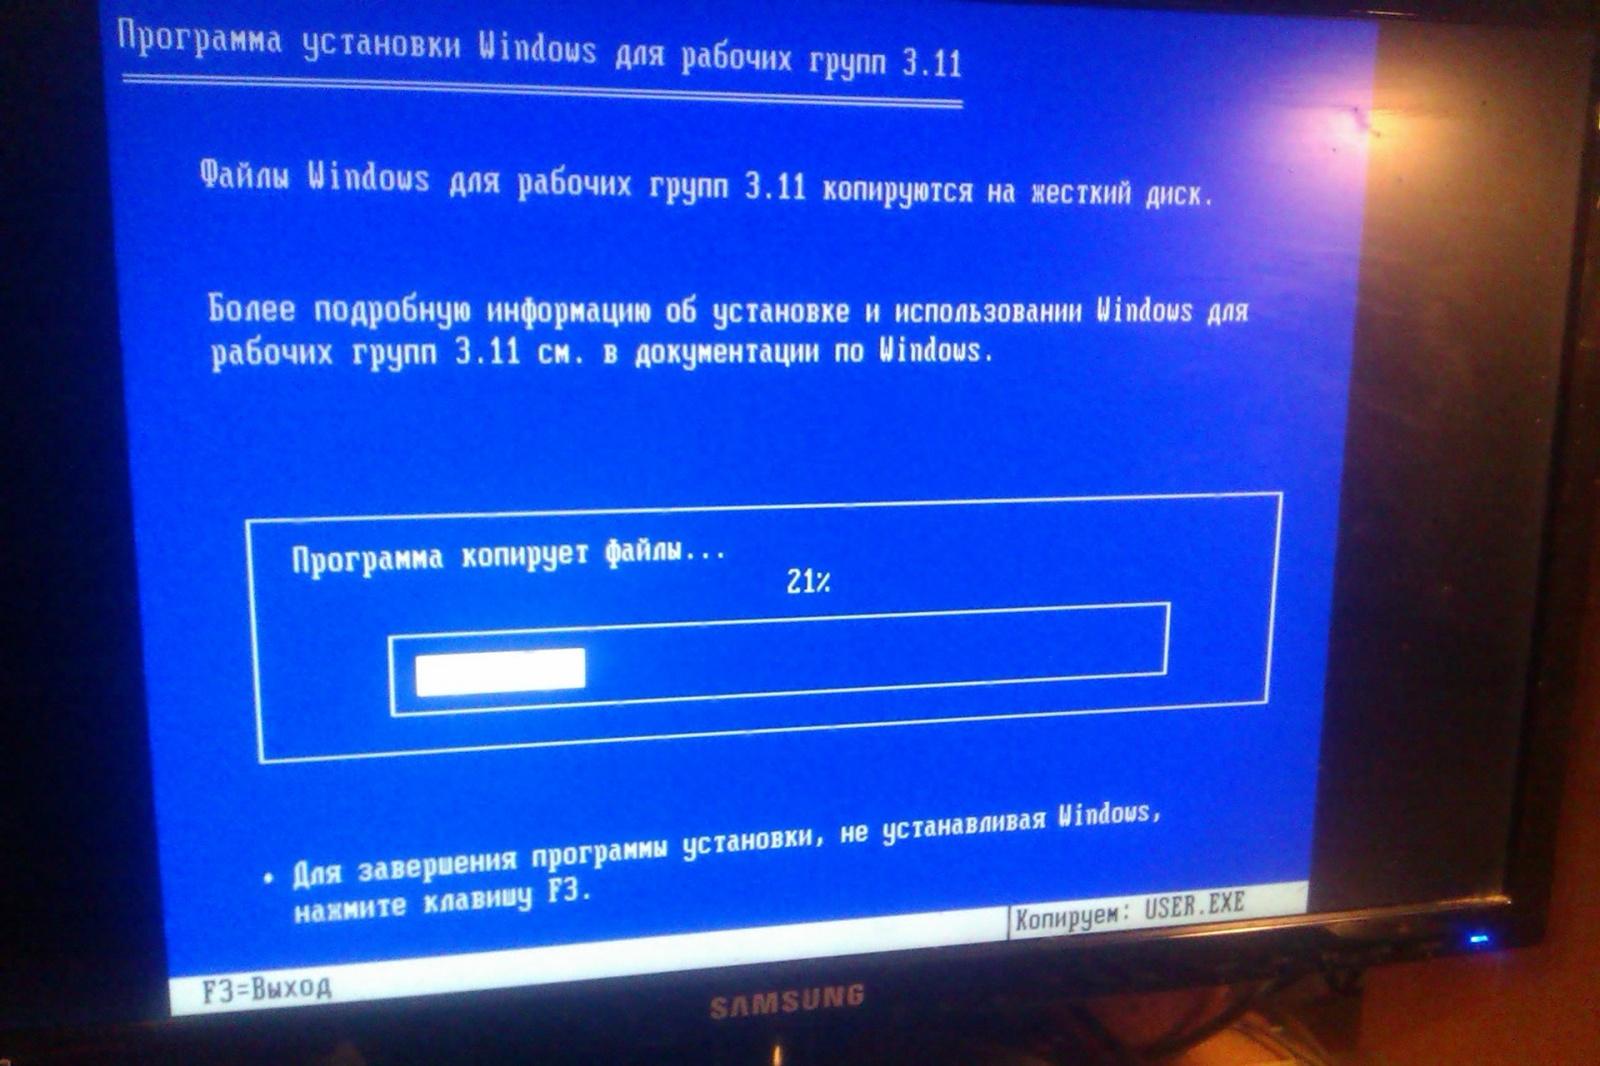 Маленький раритет из времен, когда компьютеры были большими - 24